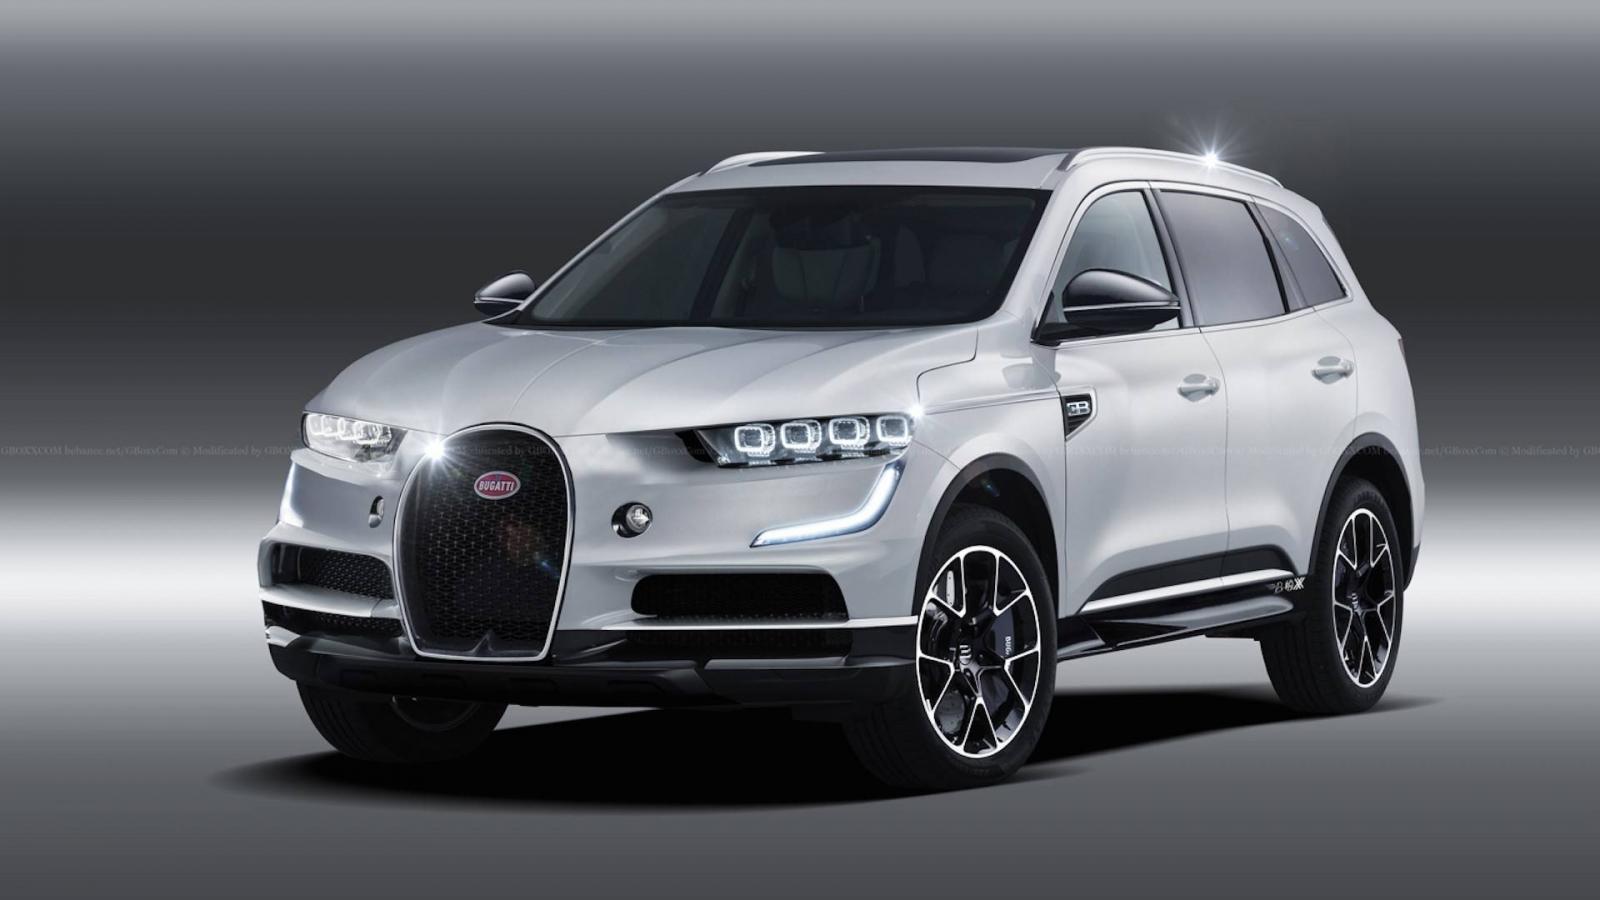 بوگاتی چیرون SUV - اجاره ماشین - اجاره خودرو - کرایه ماشین